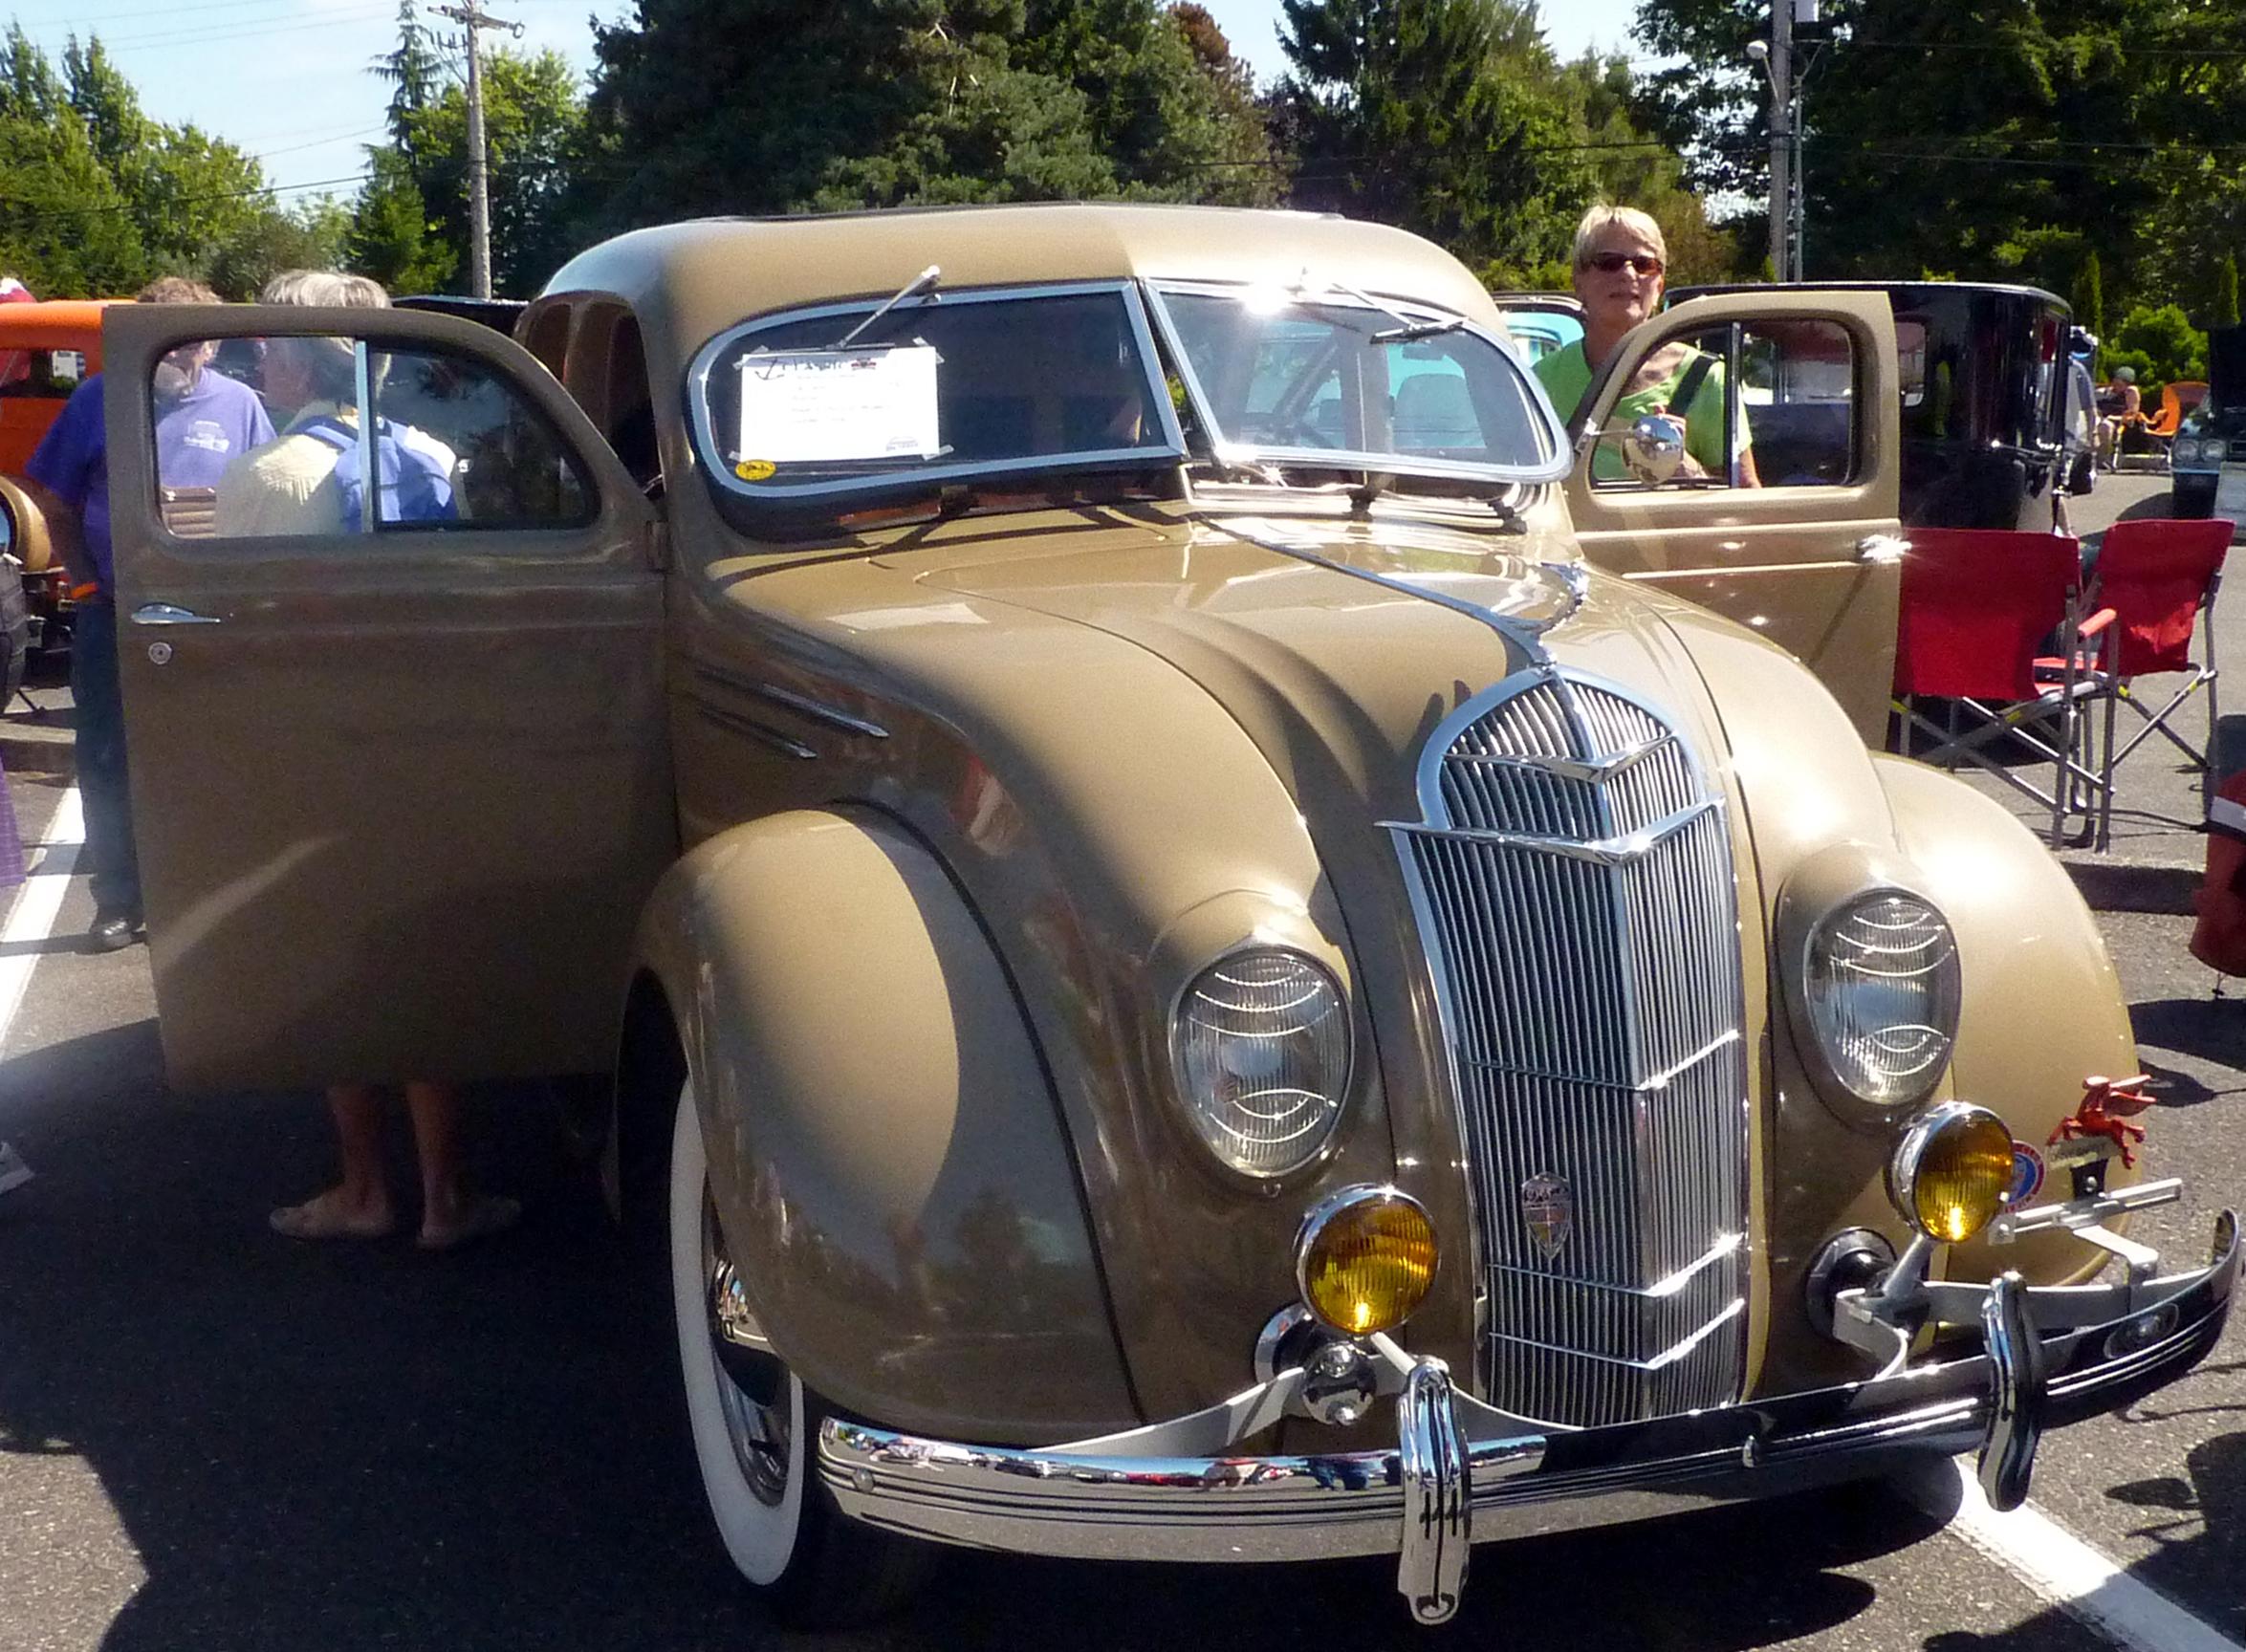 la_conner_classic_car_show